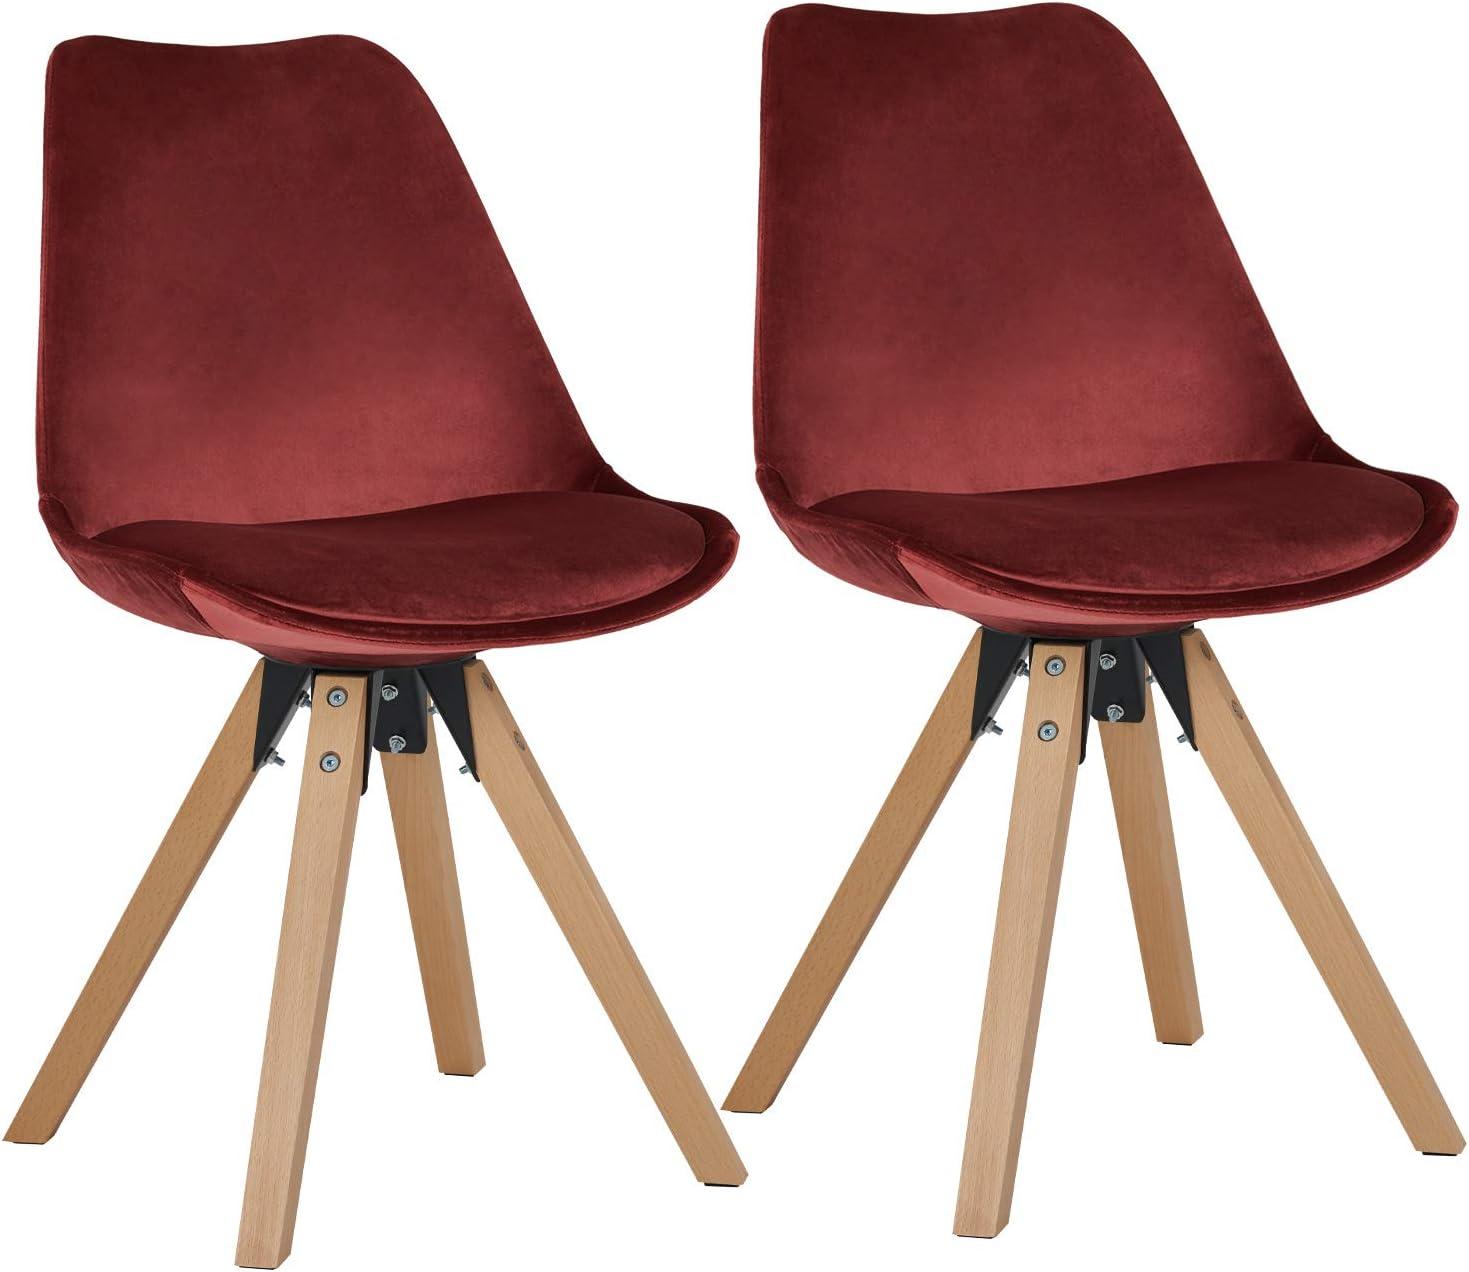 Duhome Chaise Salle à Manger Lot de 2 avec Coussin Design Retro Chaise scandinave avec Pieds en Bois WY 518M, Couleur:Rouge, matière:Tissu